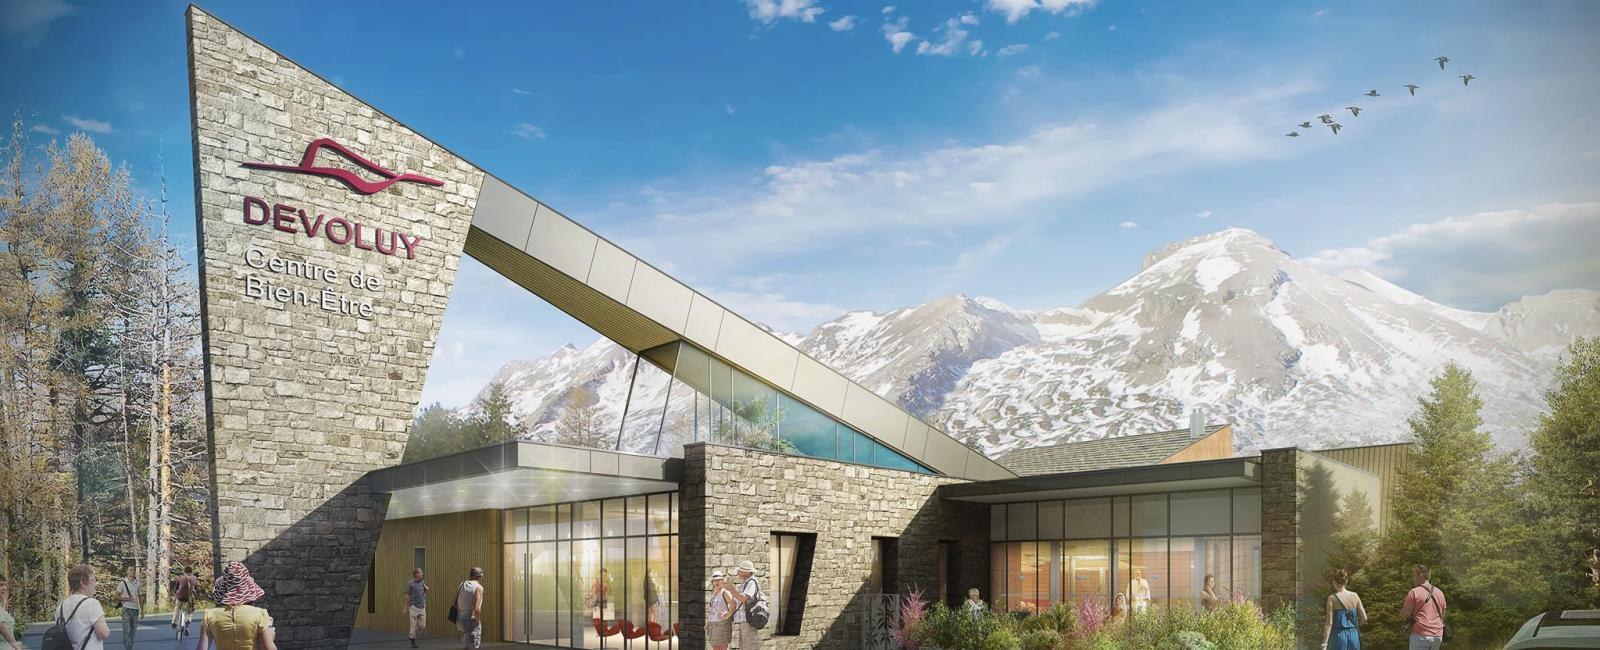 Un nouveau centre de bien-être ouvre ses portes dans le Dévoluy